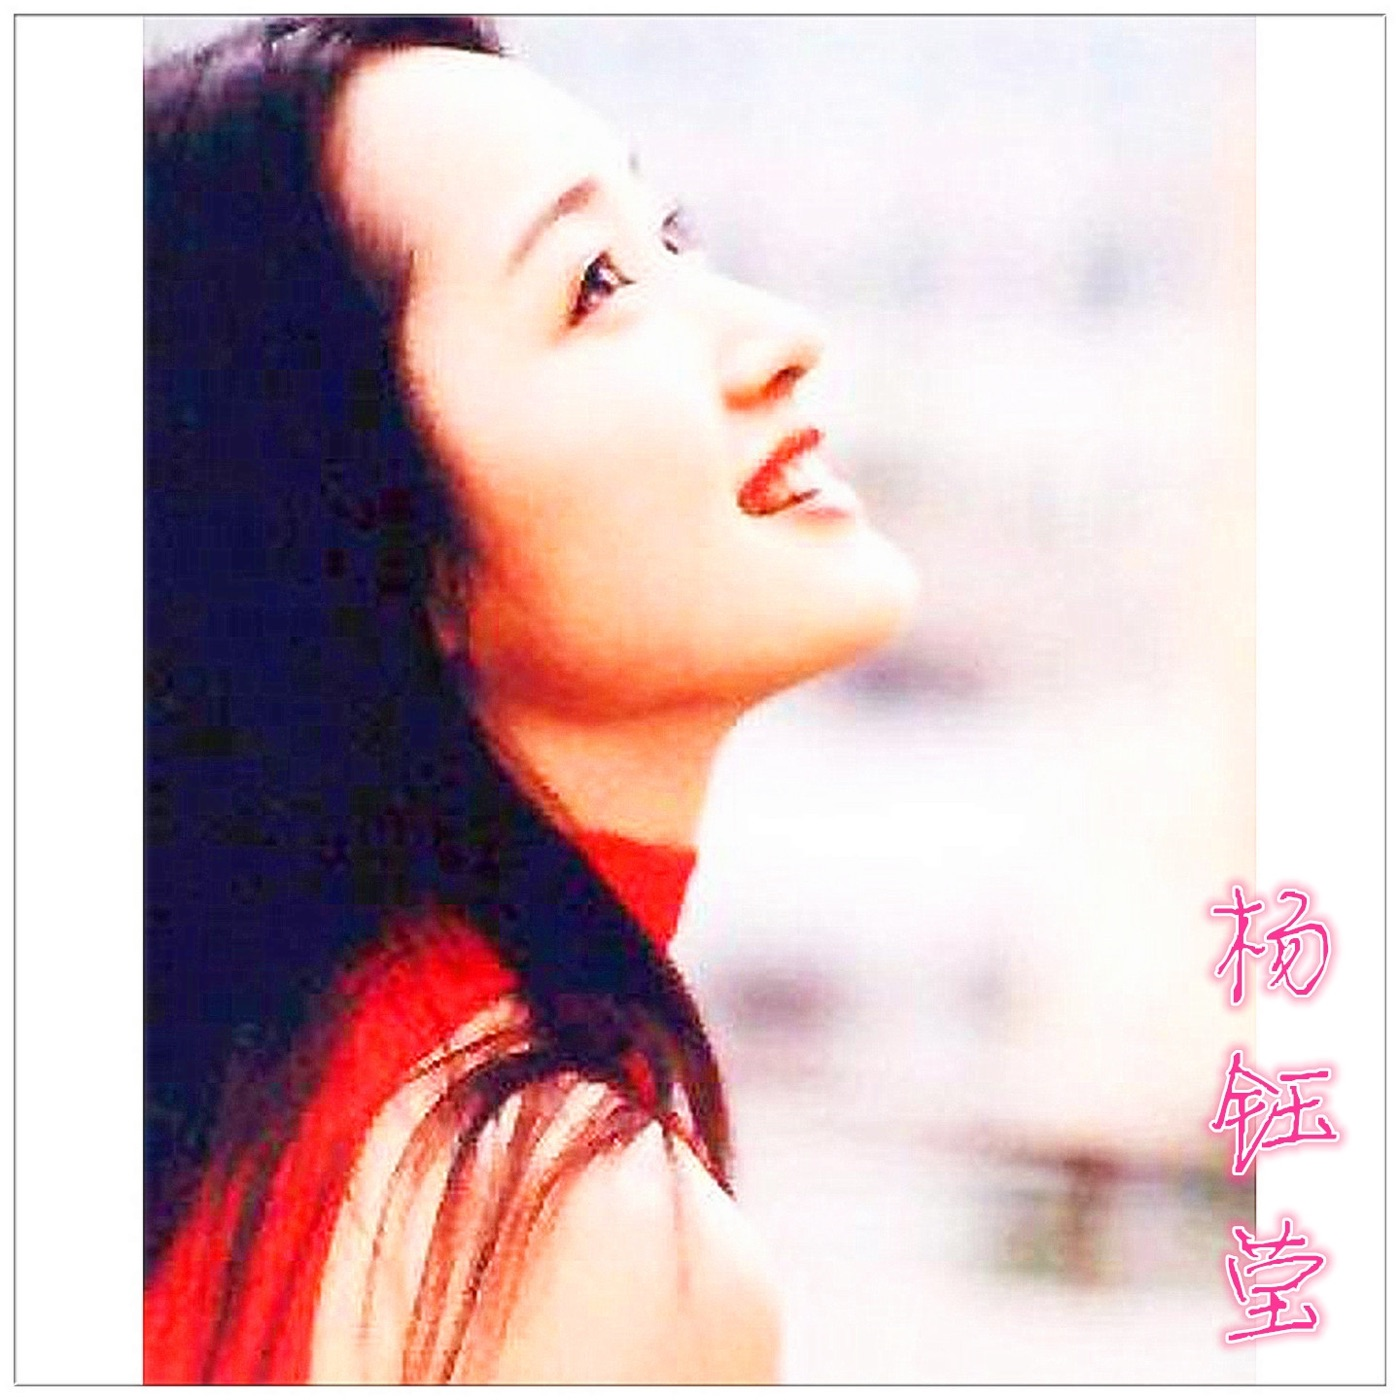 杨钰莹 - 风含情水含笑 / 为爱祝福 (二十五周年纪念版)